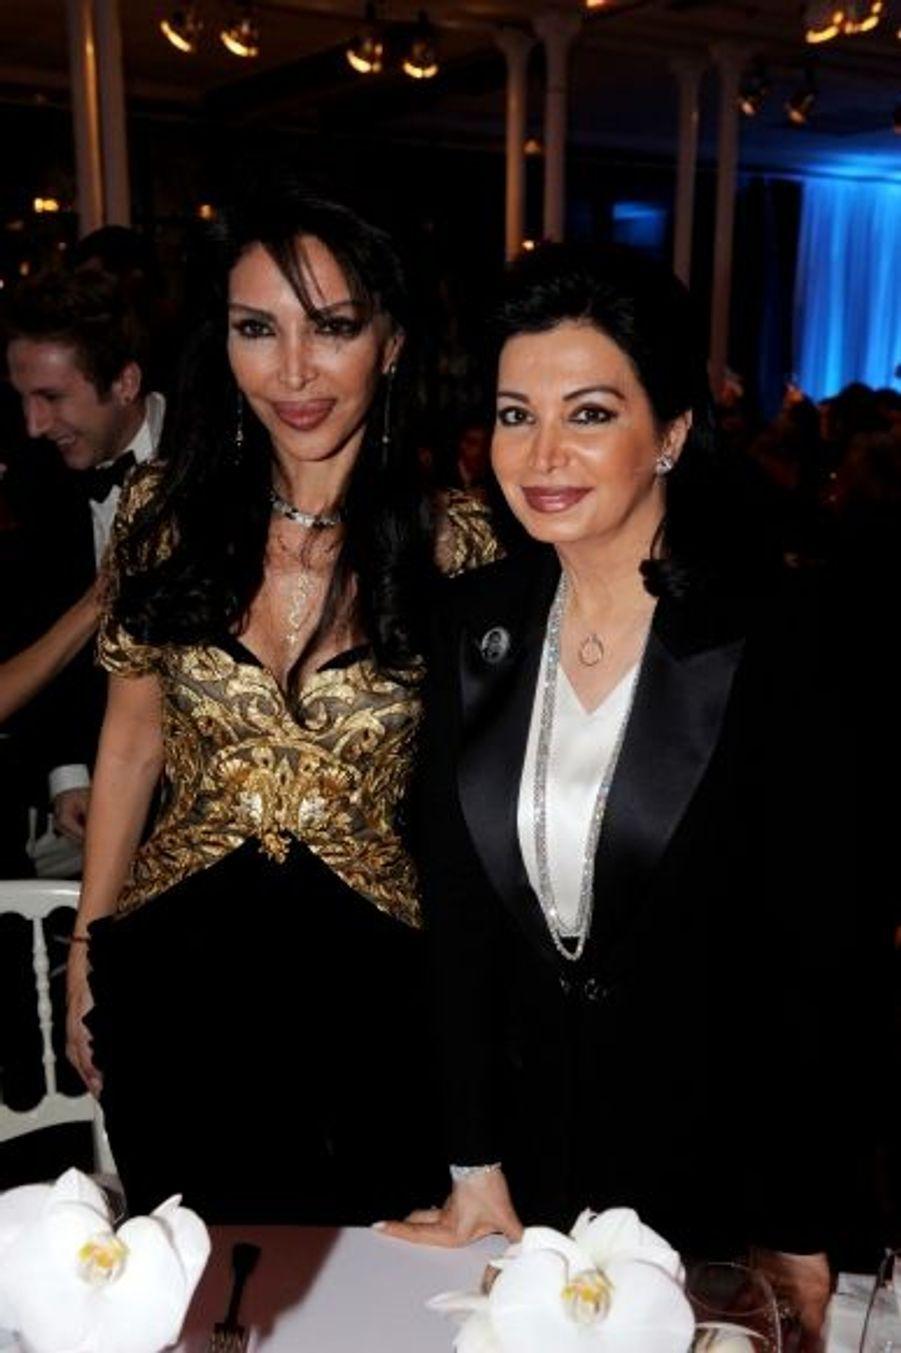 Pour sa première sortie depuis la mort de son mari, Nazek Hariri (à dr.) avait choisi la soirée d'Homayra Sellier.